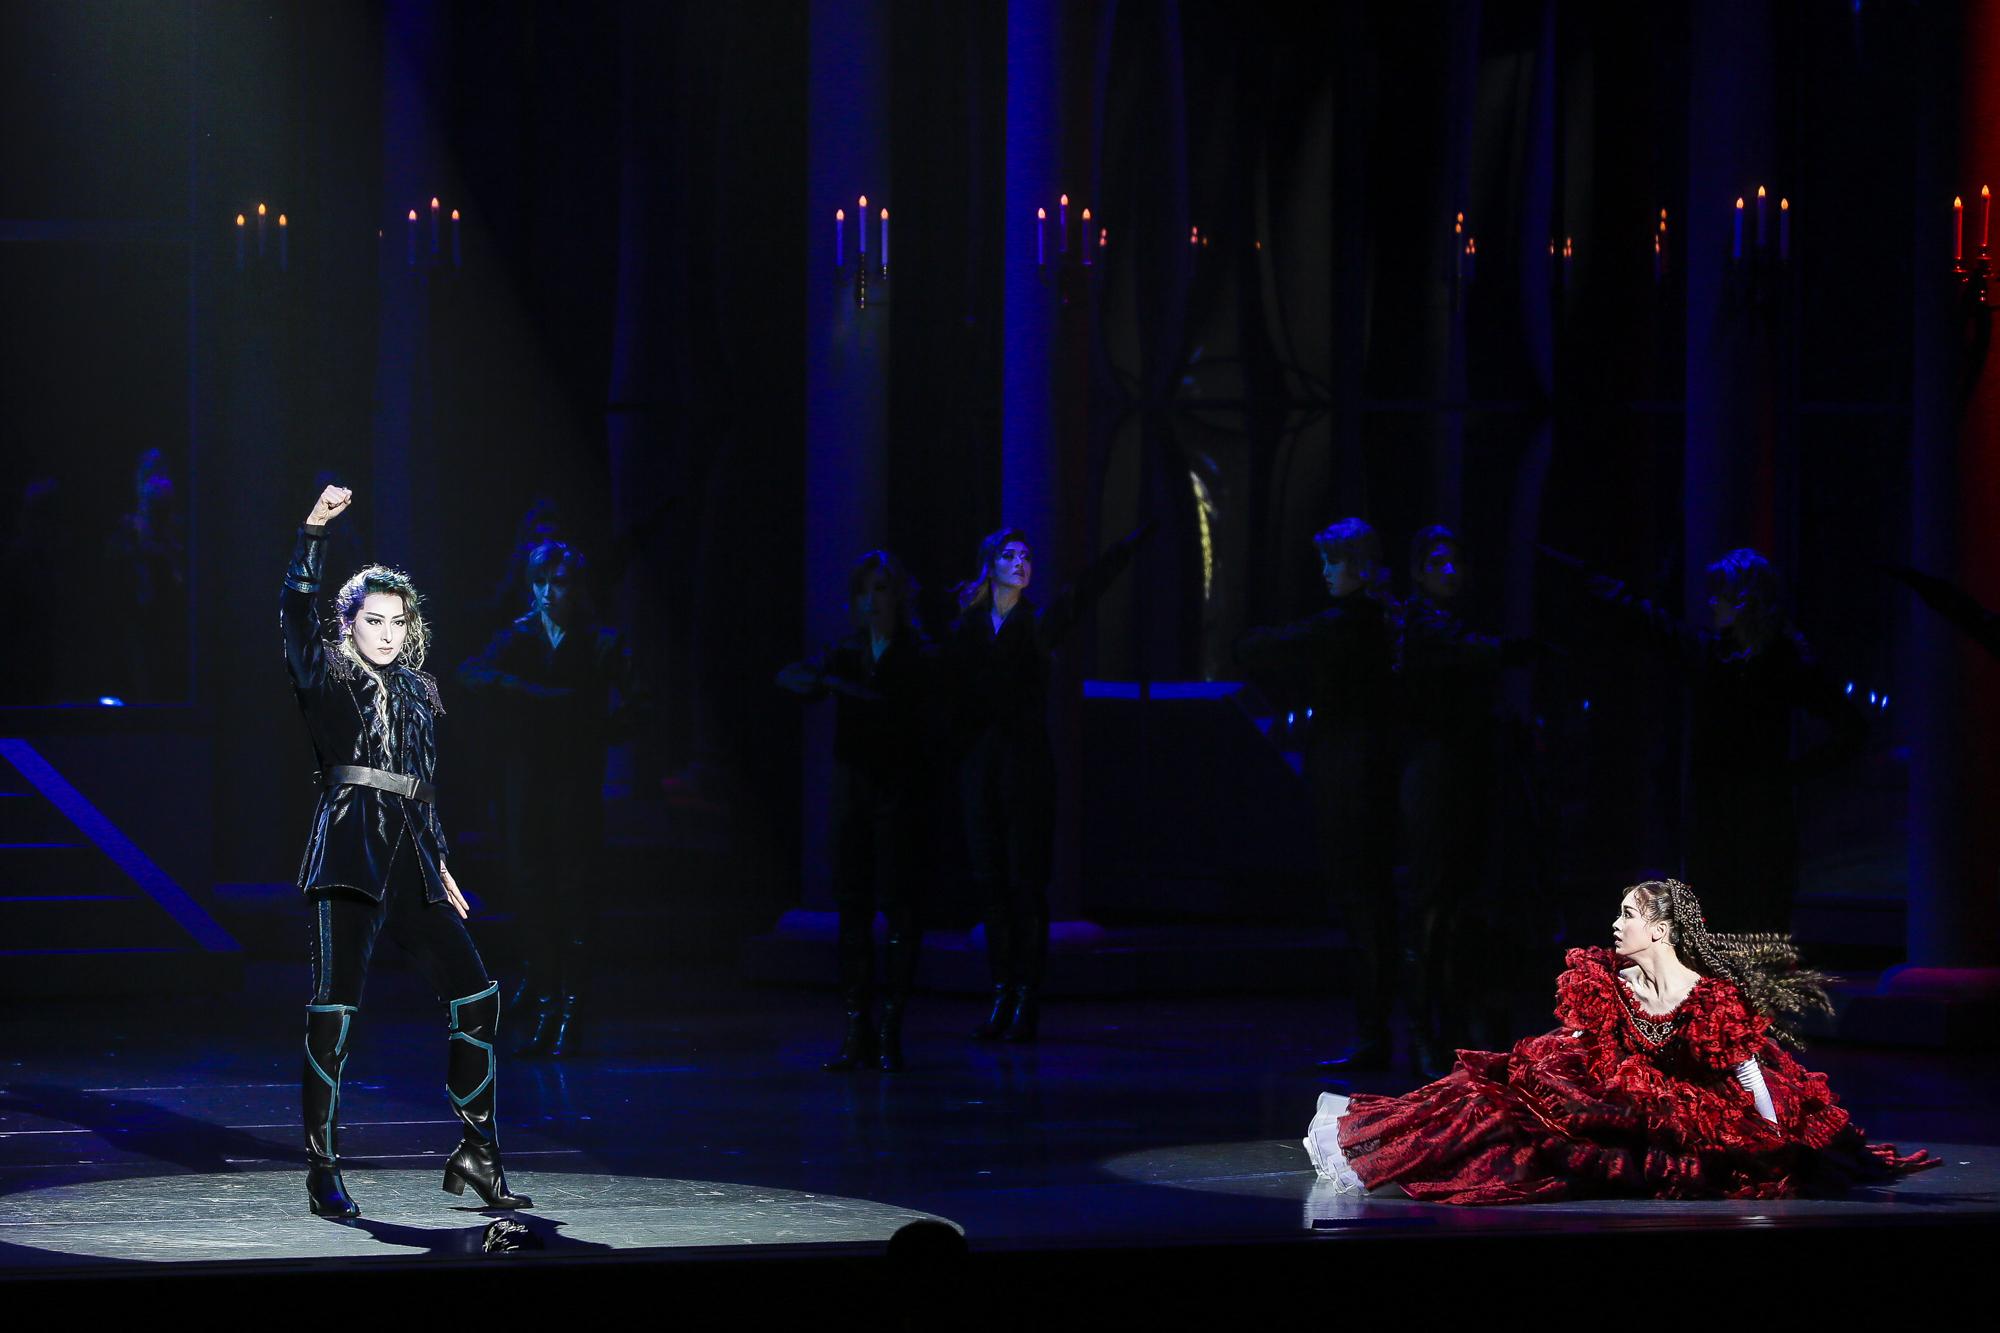 ミュージカル『エリザベート−愛と死の輪舞(ロンド)−』 撮影:森好弘